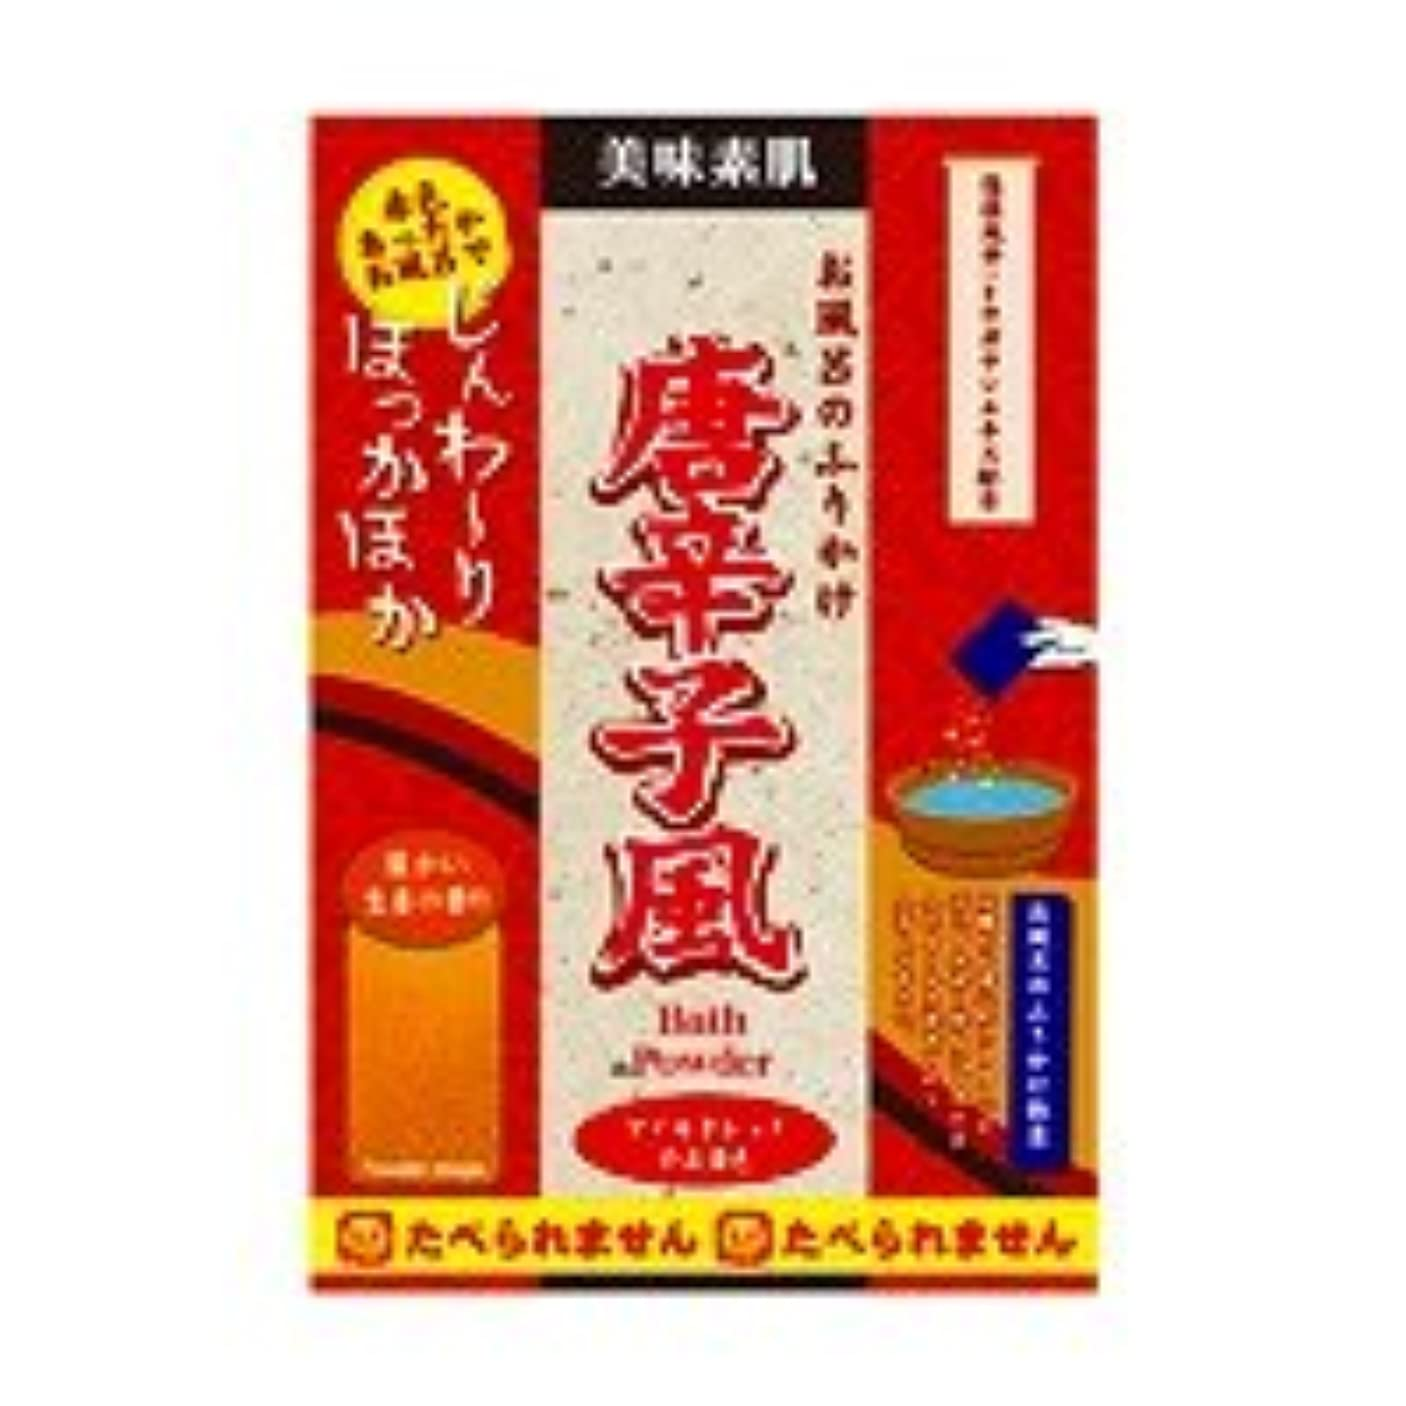 混乱処理イルお風呂のふりかけ「トウガラシ」12個セット マイルドレッドのお湯 温かい生姜の香り